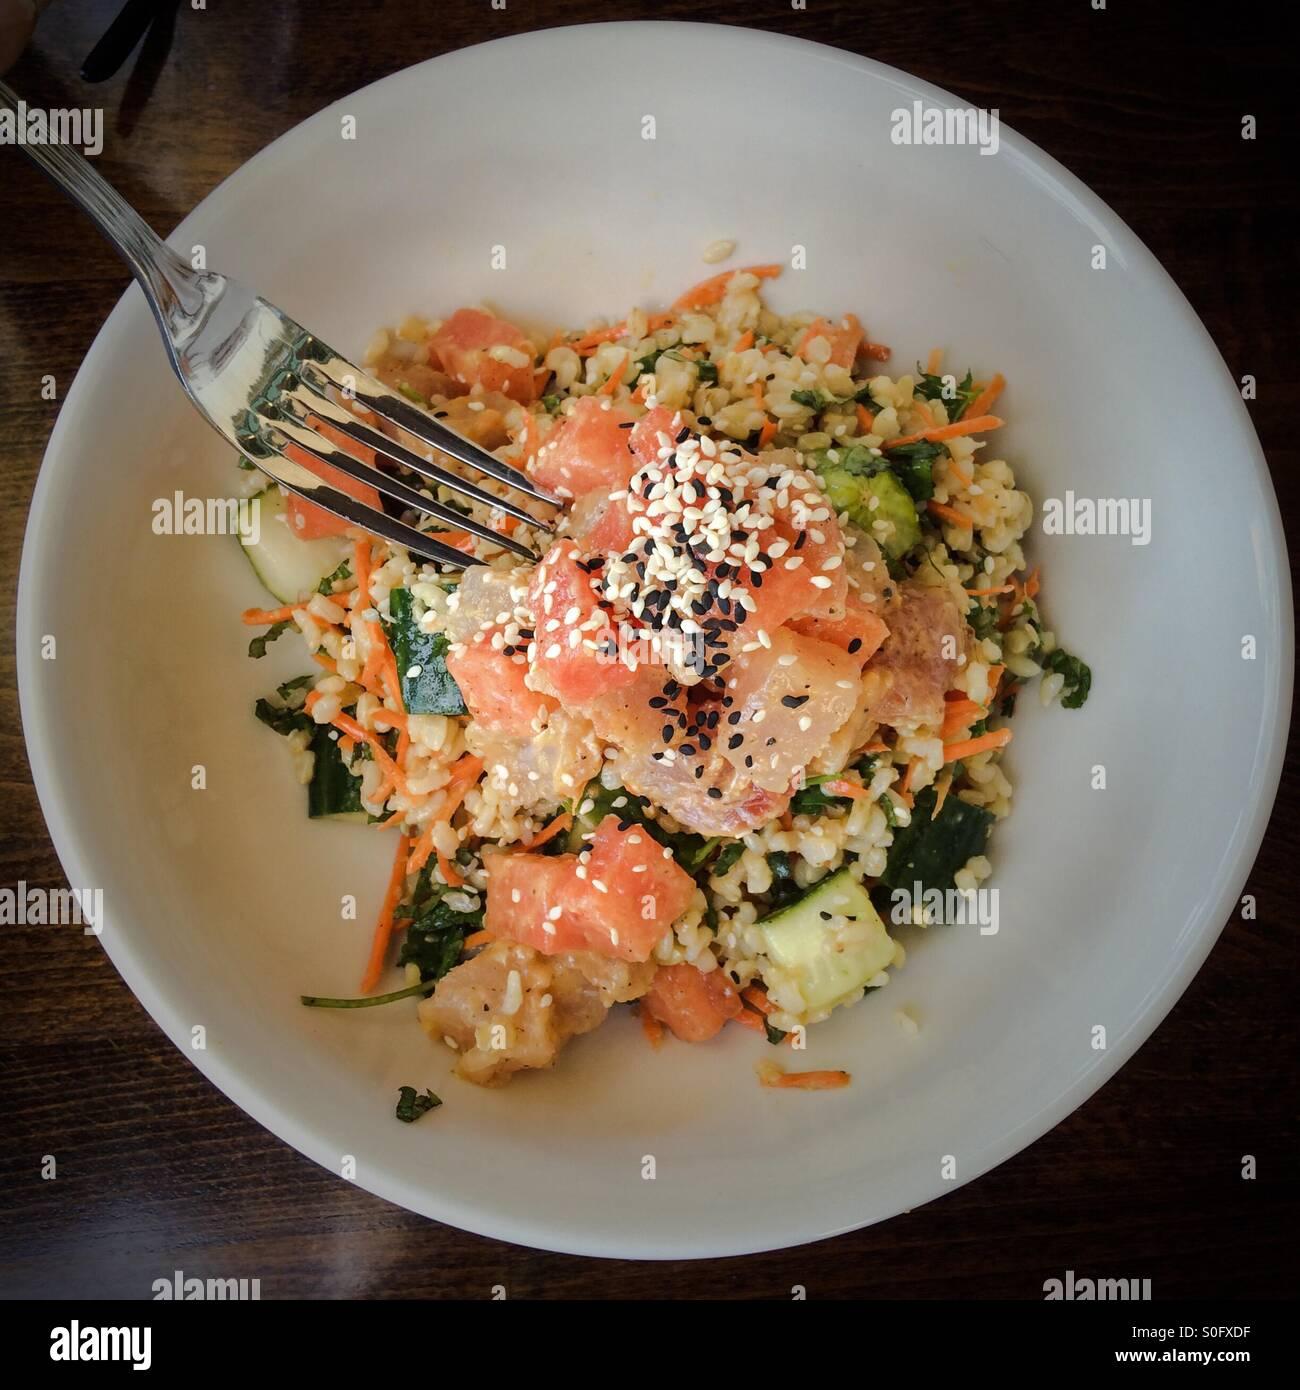 hawaiian-tuna-poke-salad-bowl-with-water